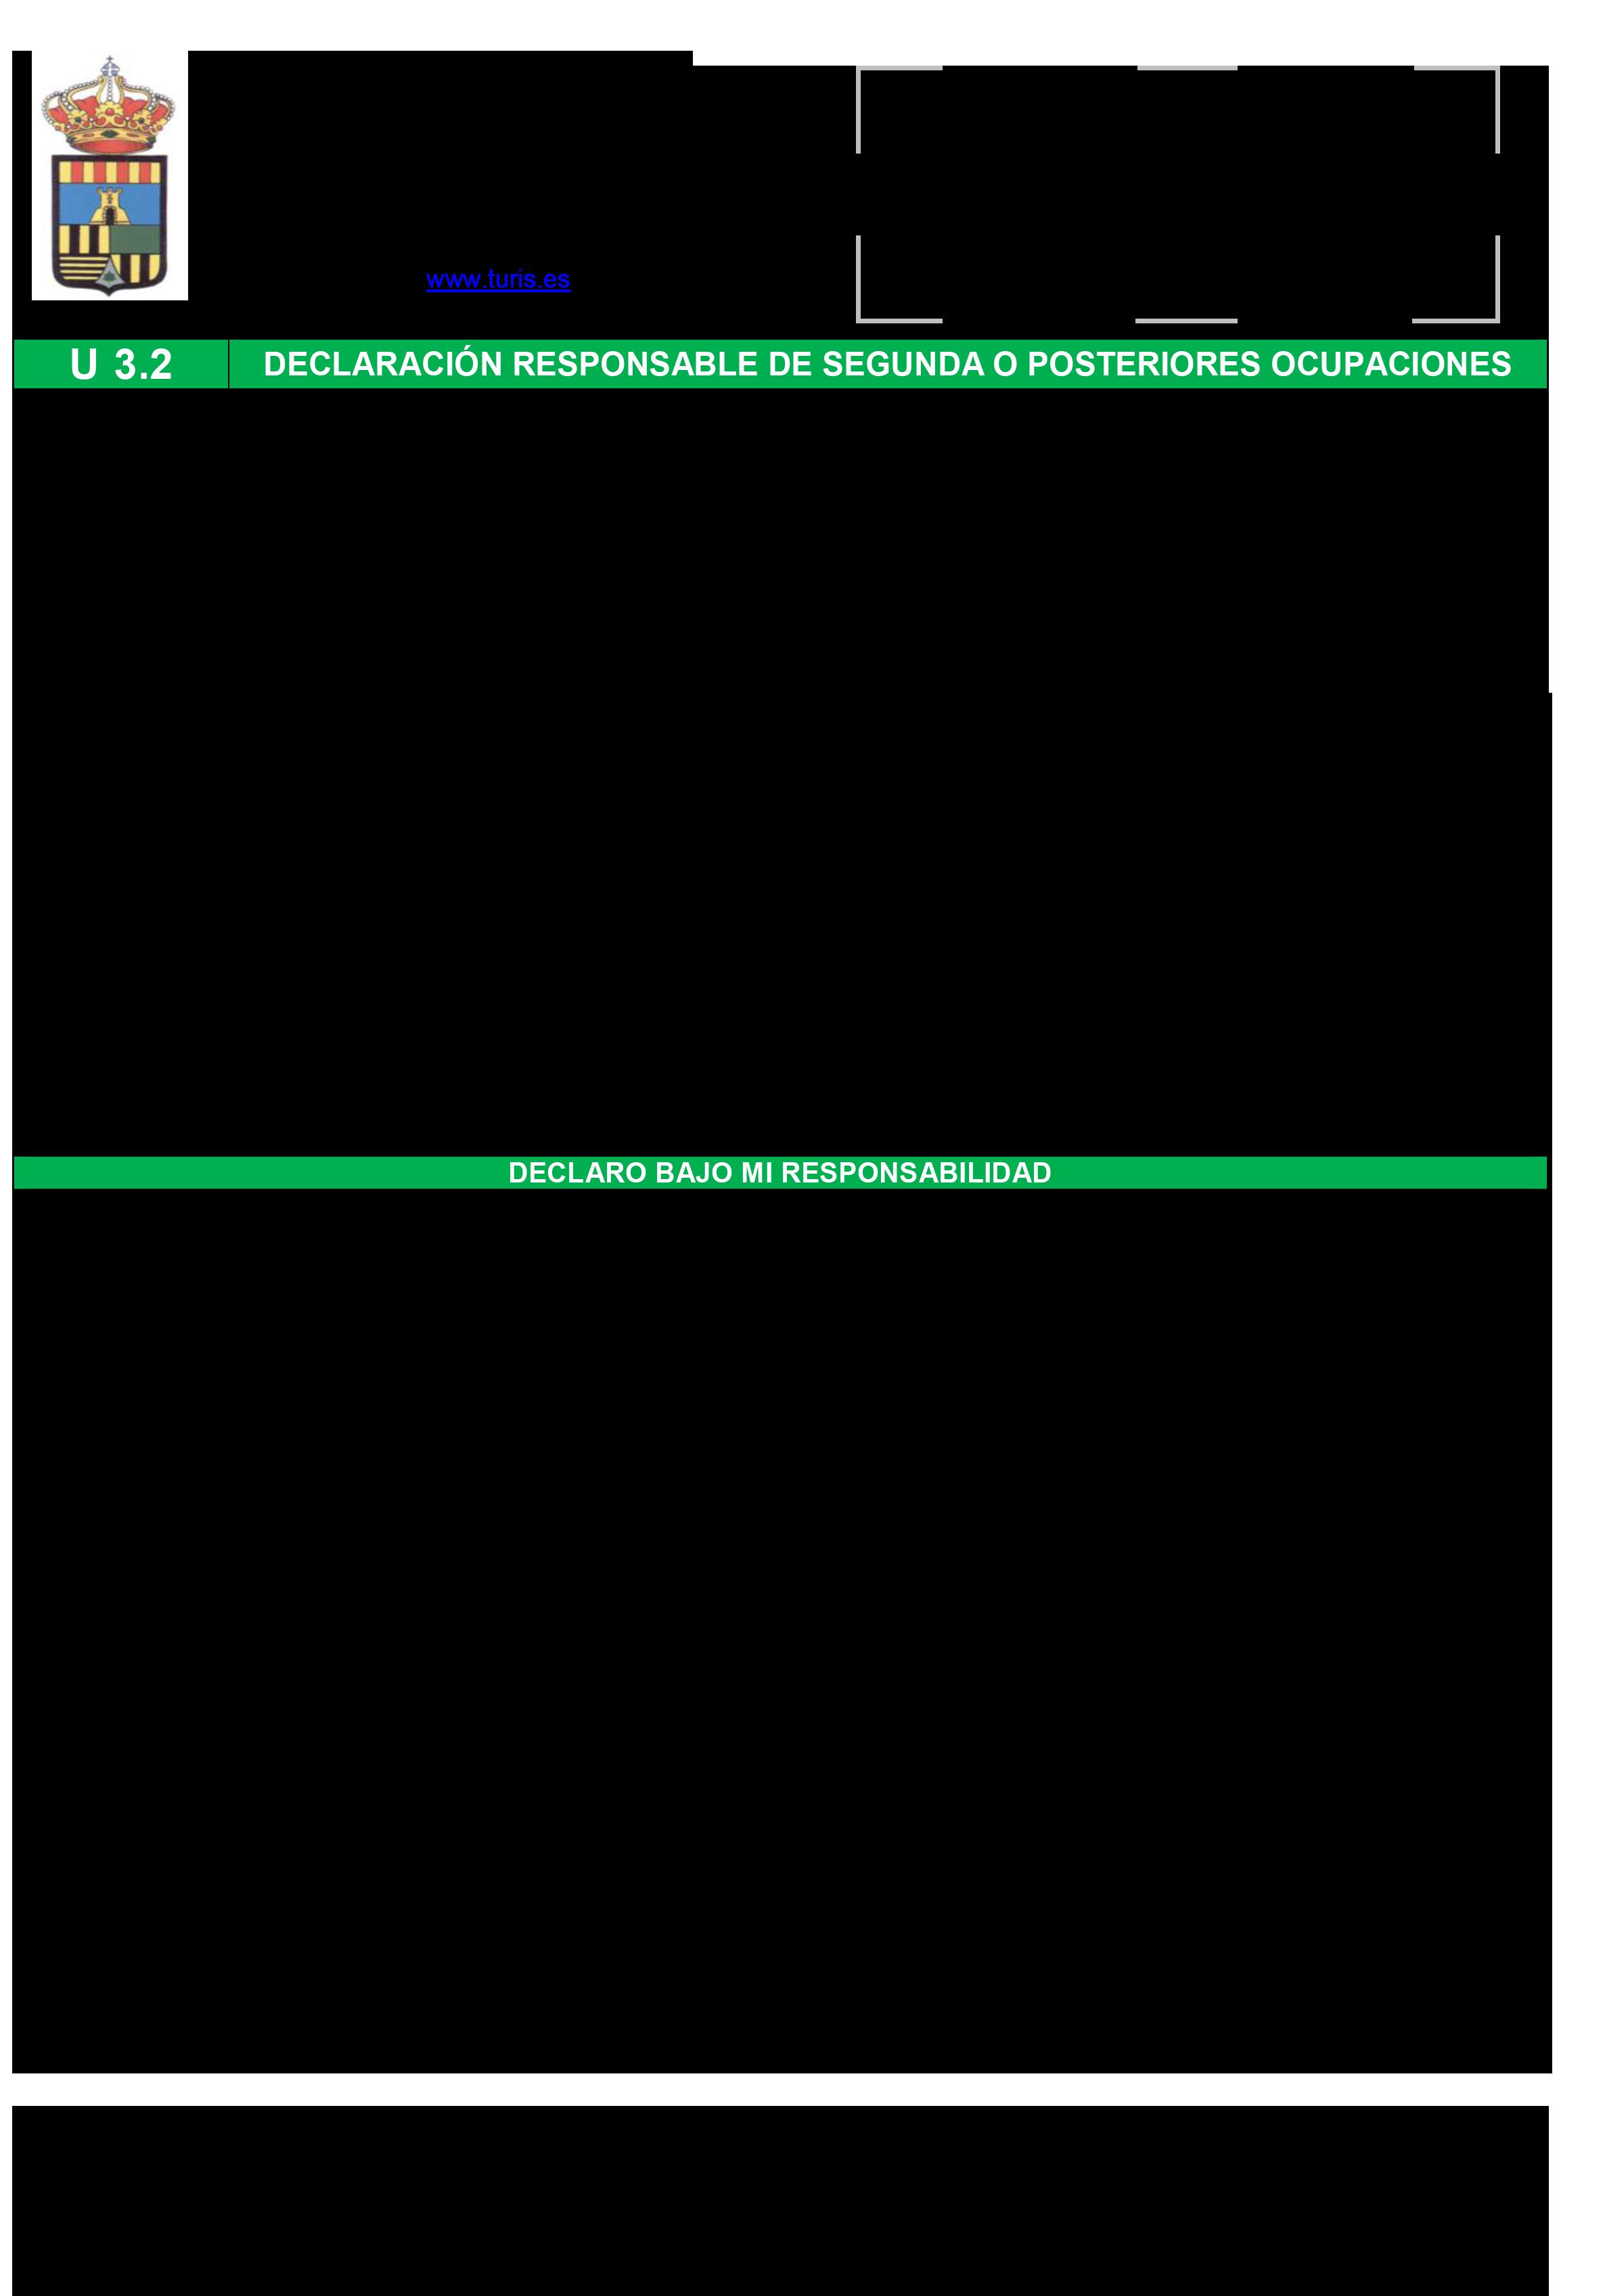 Impreso Declaración Responsable Segunda Ocupación - Turís-1